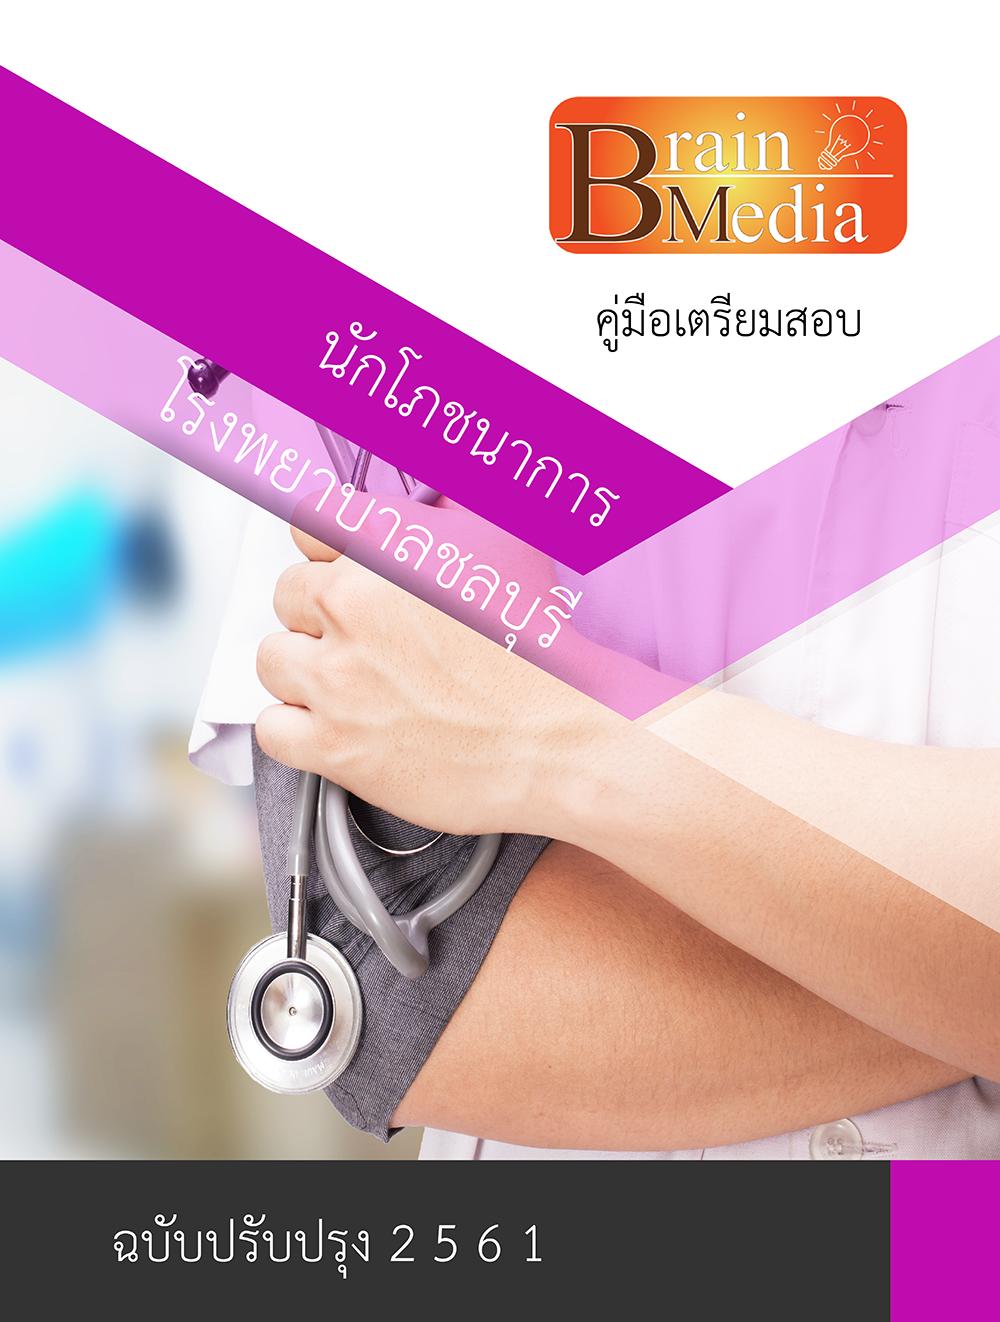 เฉลยแนวข้อสอบ นักโภชนาการ โรงพยาบาลชลบุรี